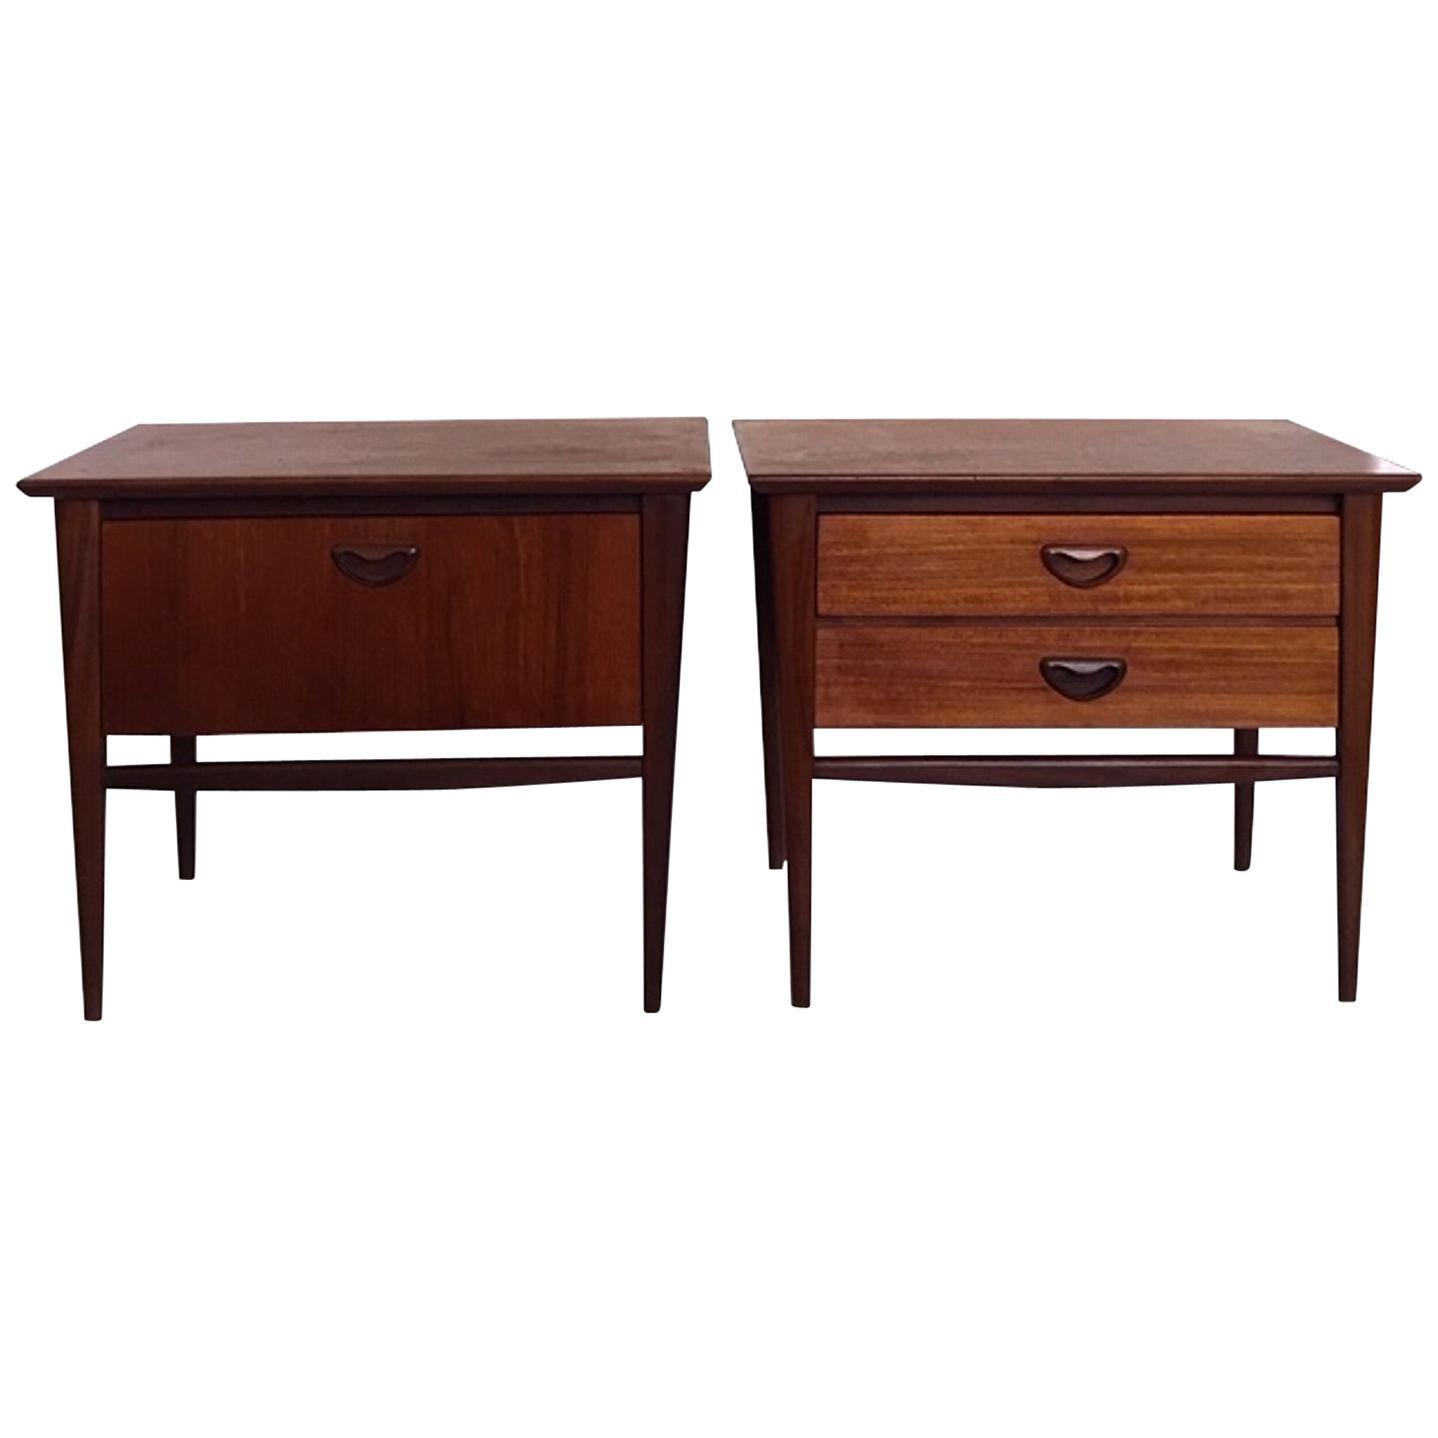 Pair of Teak Nightstands by Louis Van Teeffelen for Wébé, 1960s